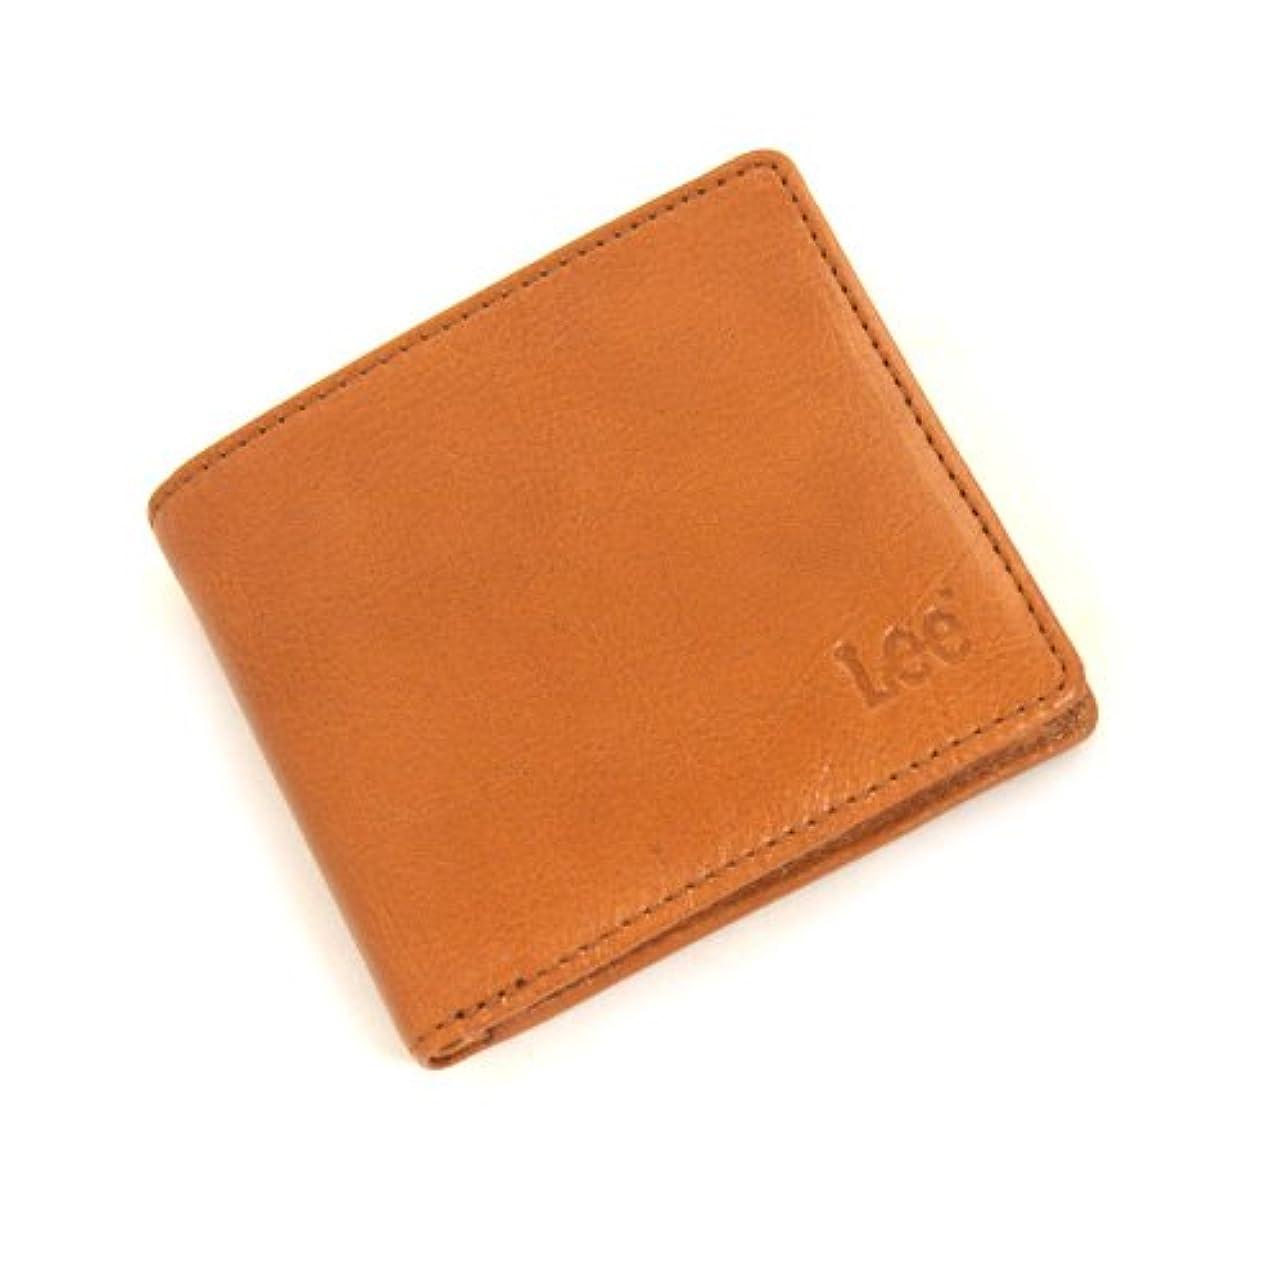 大学院蜂行為LEE(リー)520233砂村オリジナルシリーズ二つ折り財布 ブラウン